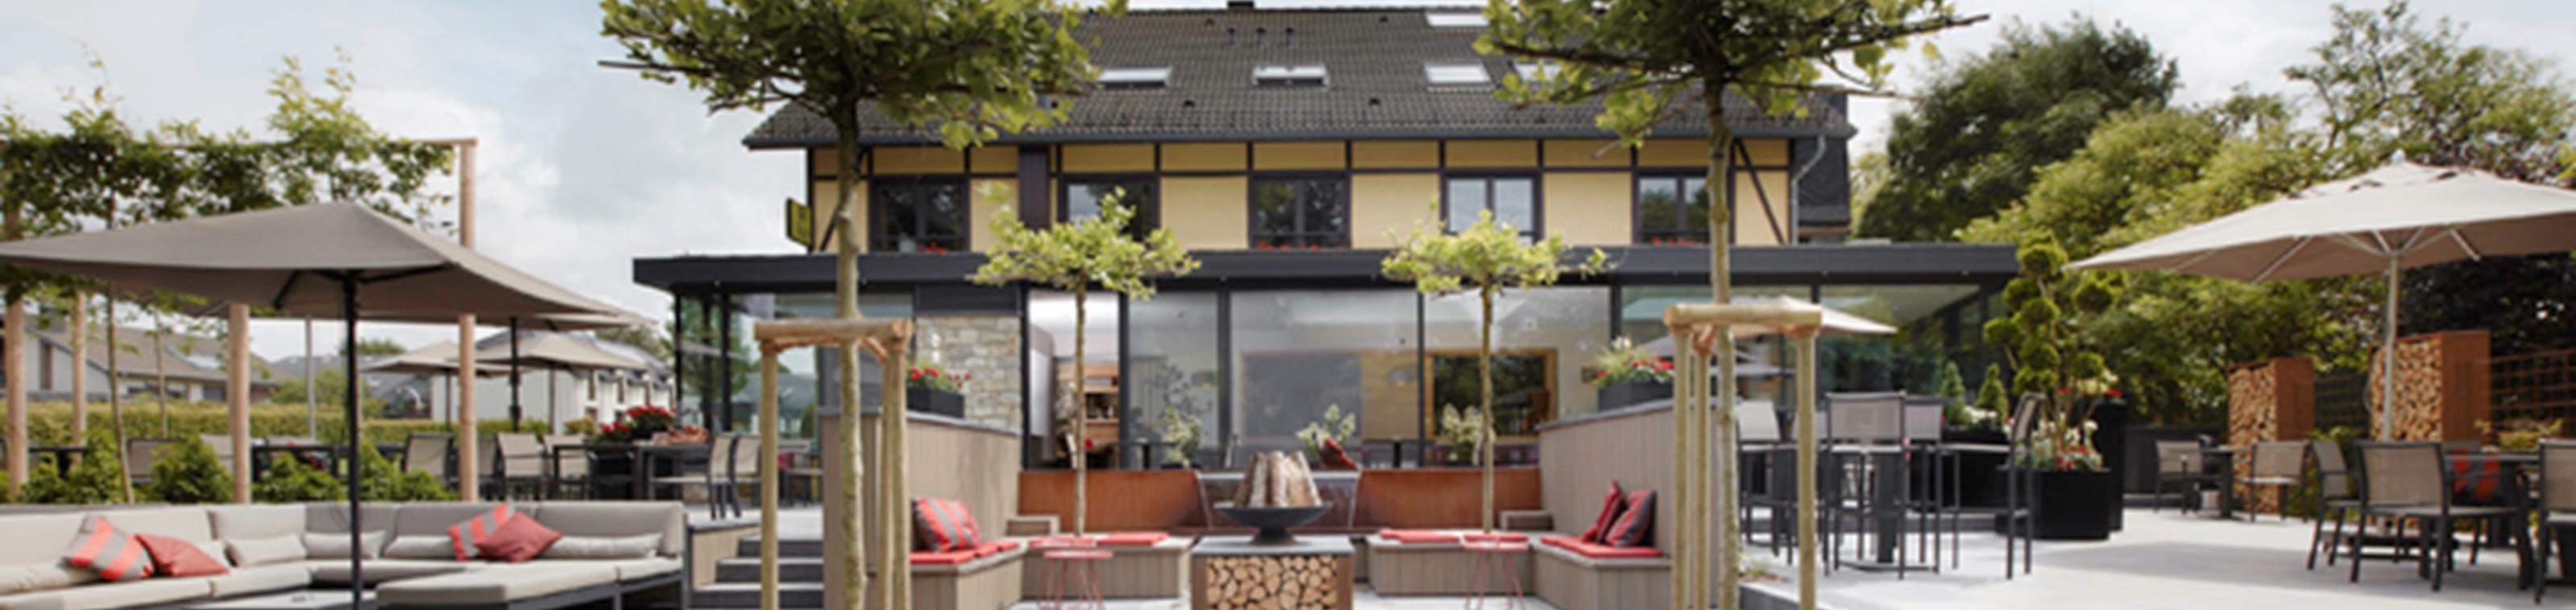 Wellness en gastronomie in hotel Bütgenbacher Hof